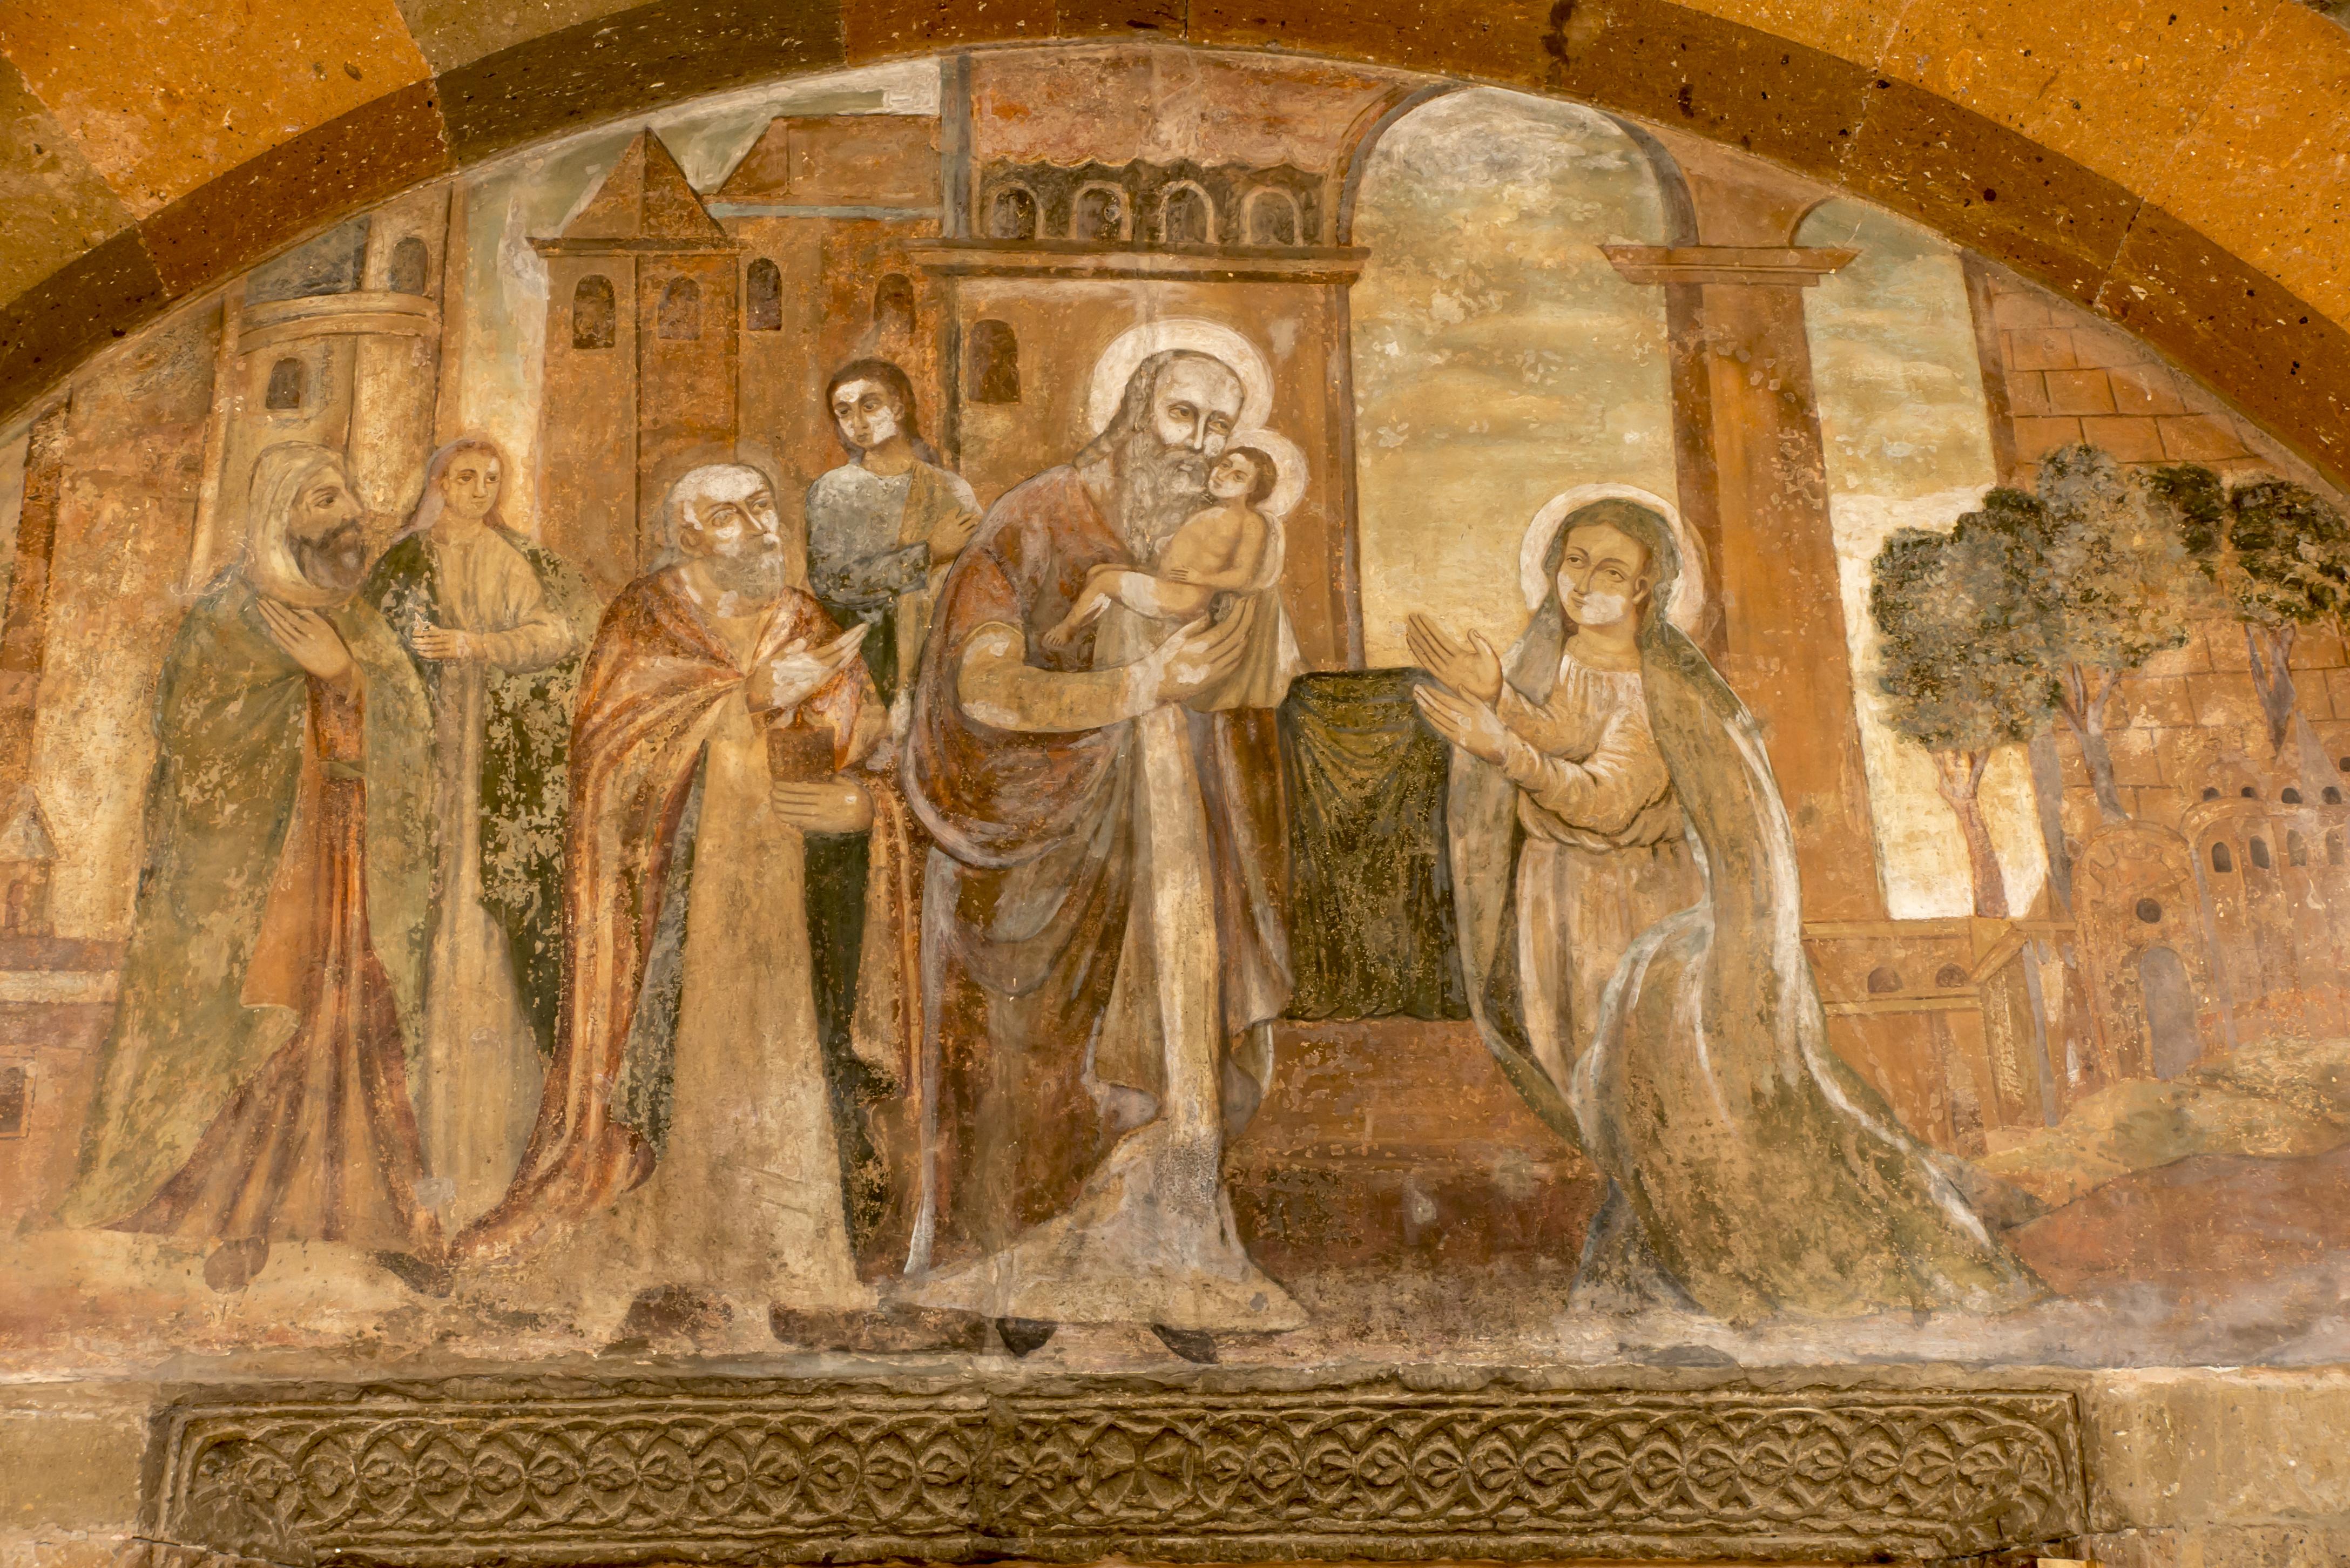 Descubre el Vaticano armenio - Armenia Circuito Armenia, la leyenda de Noé